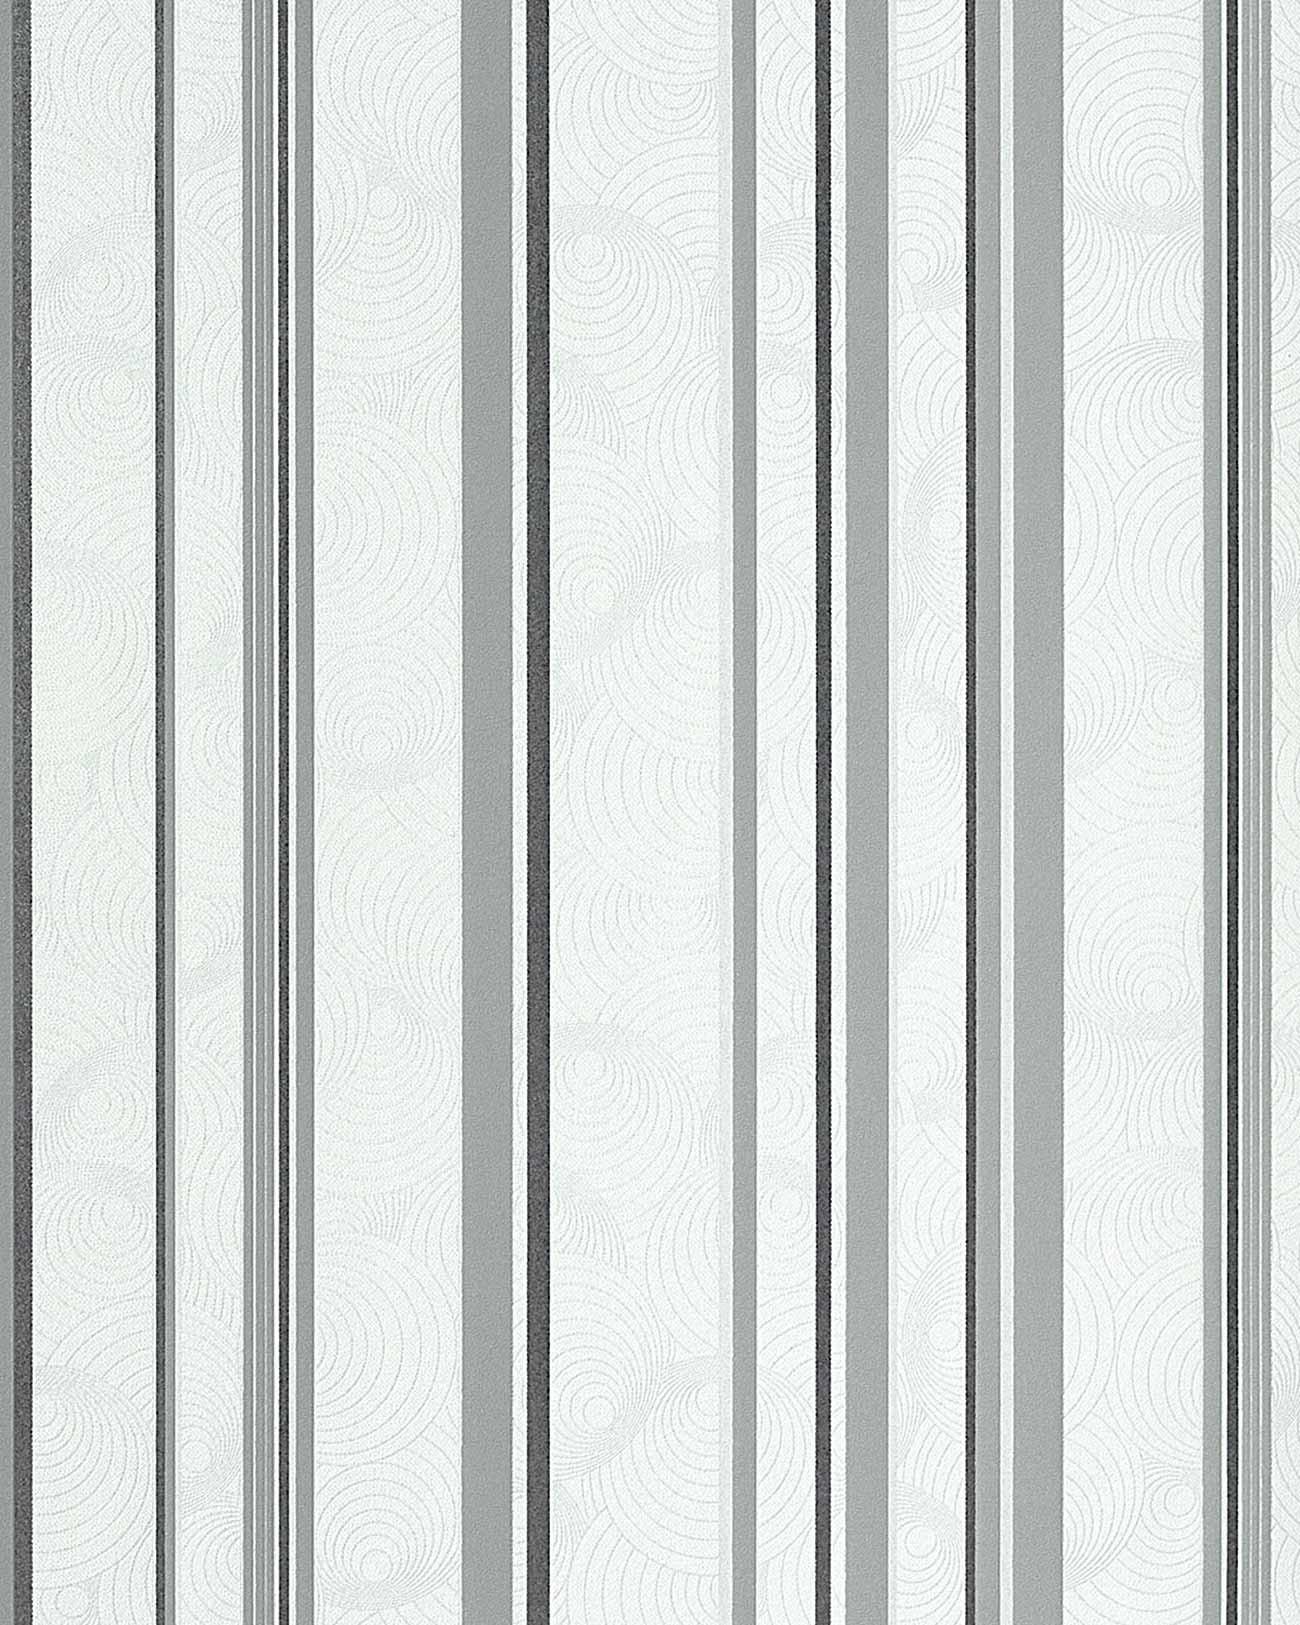 df93fab93687c4 -26 Retro Sweet Summer Design Streifen Tapete weiß hellgrau graphite .